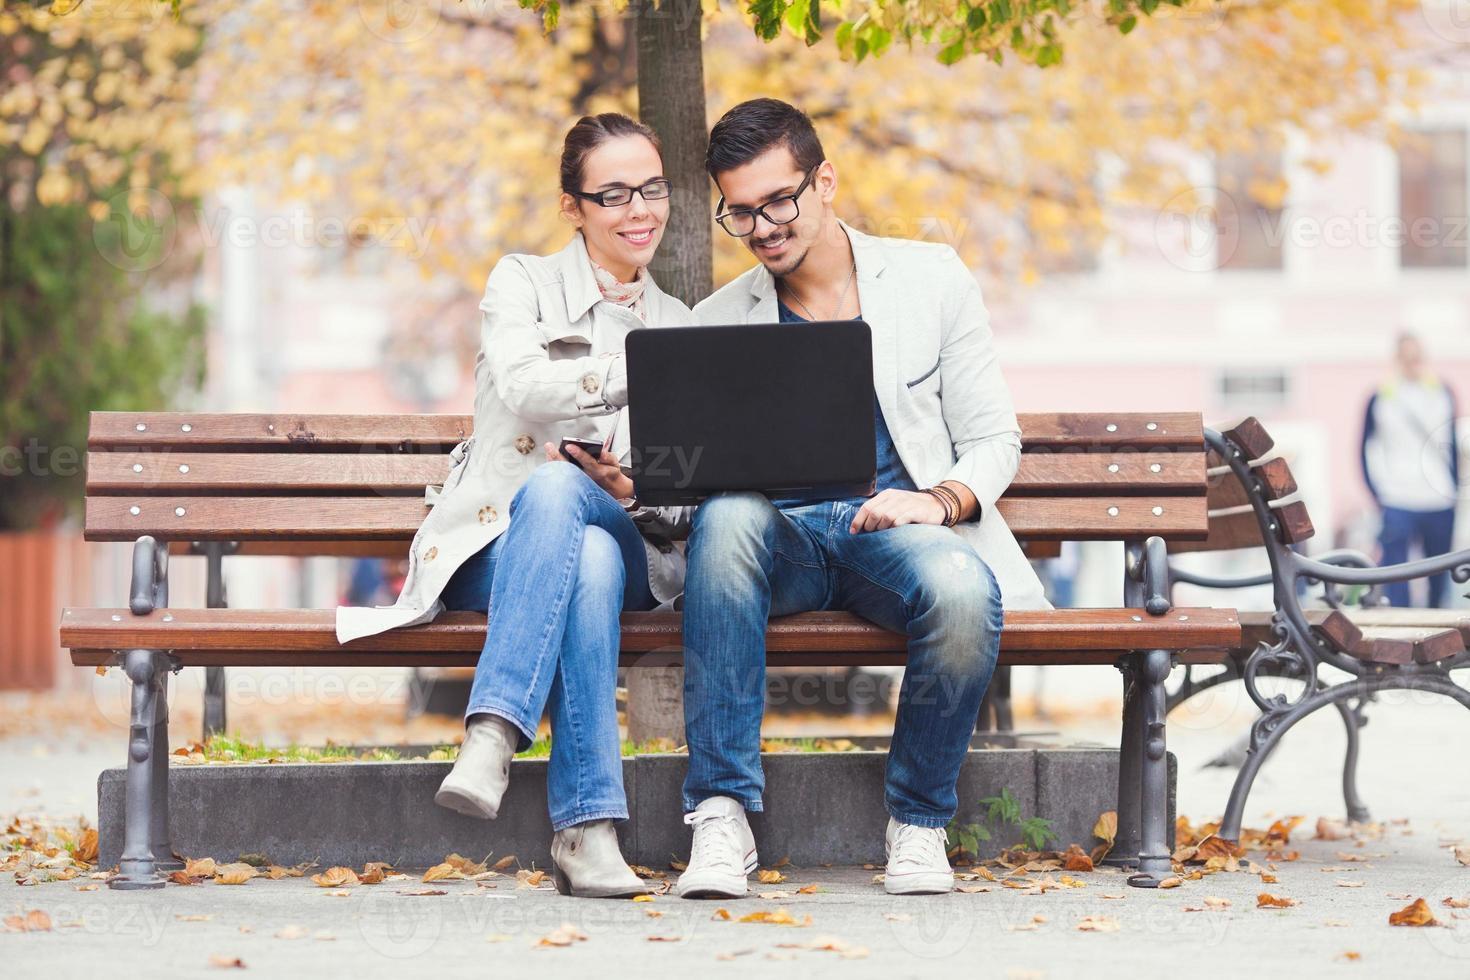 arbetar tillsammans utomhus foto